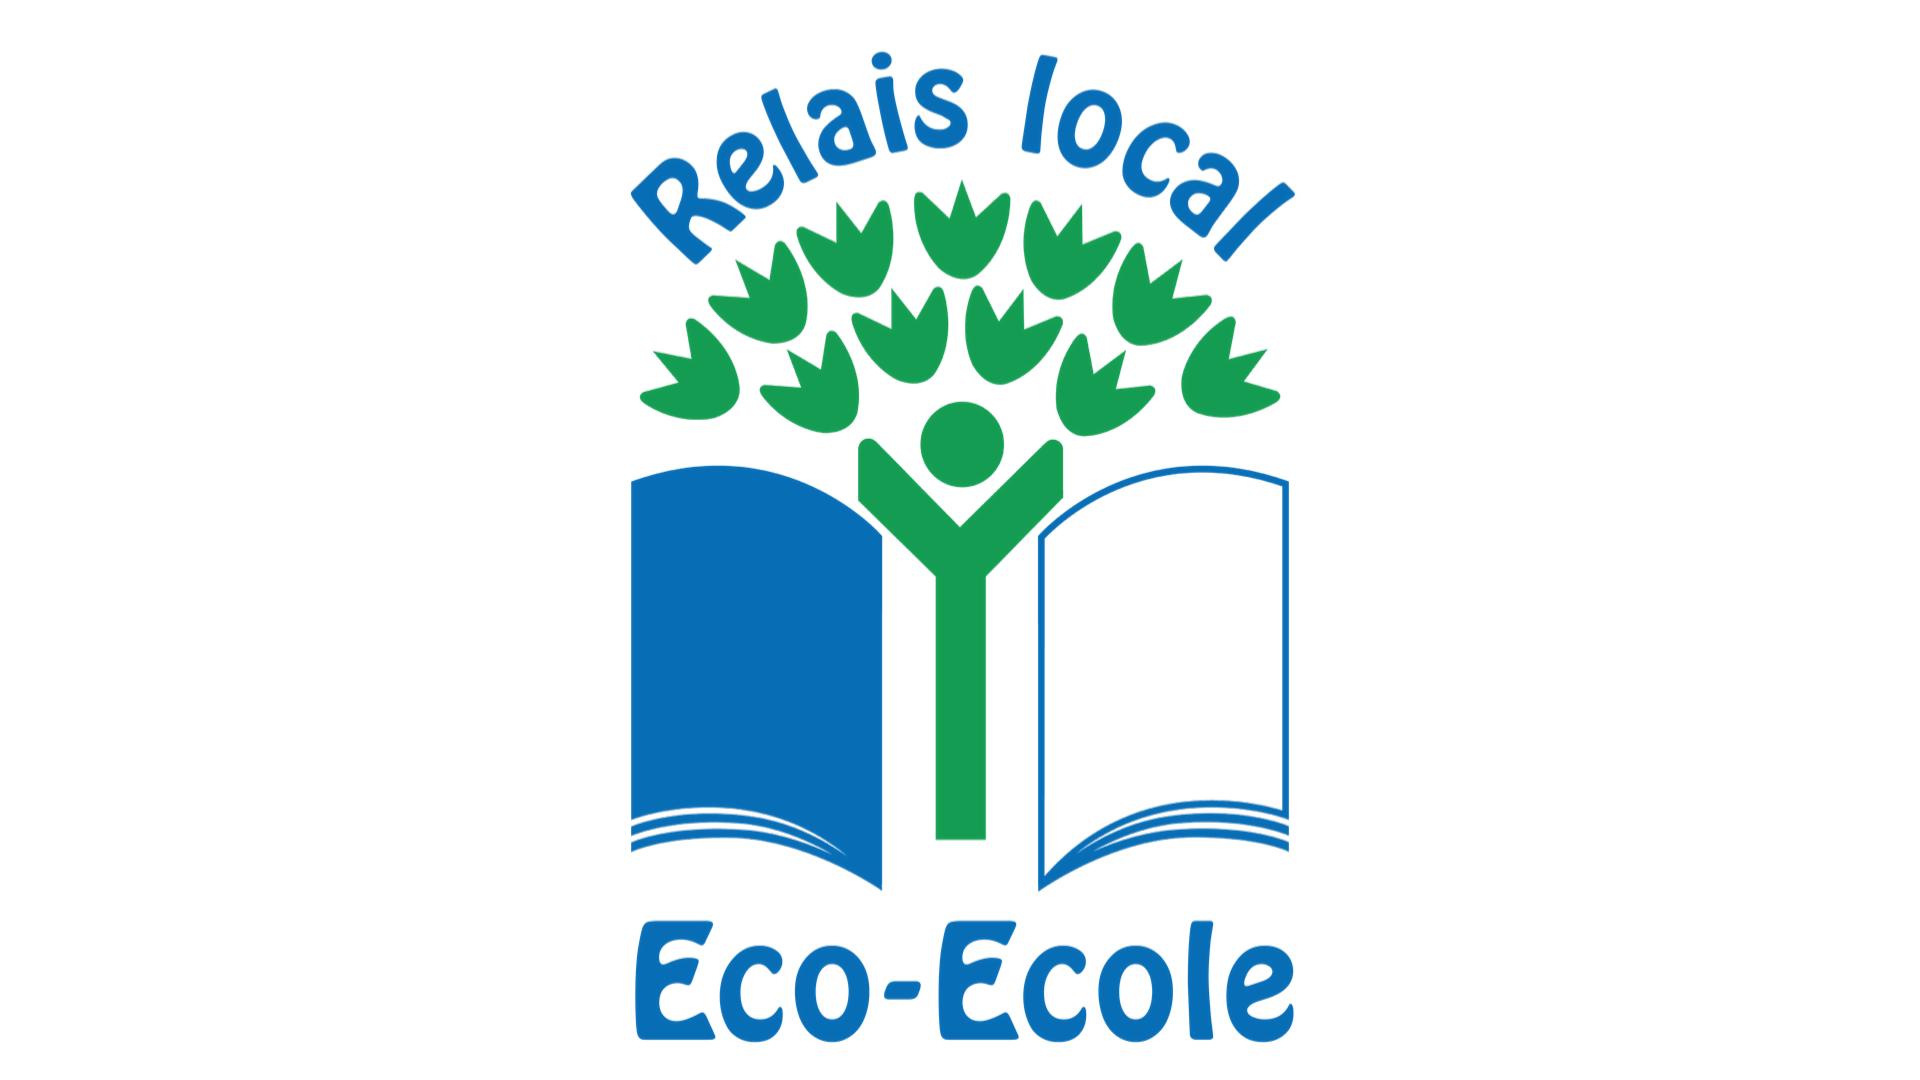 éco école greenminded relais